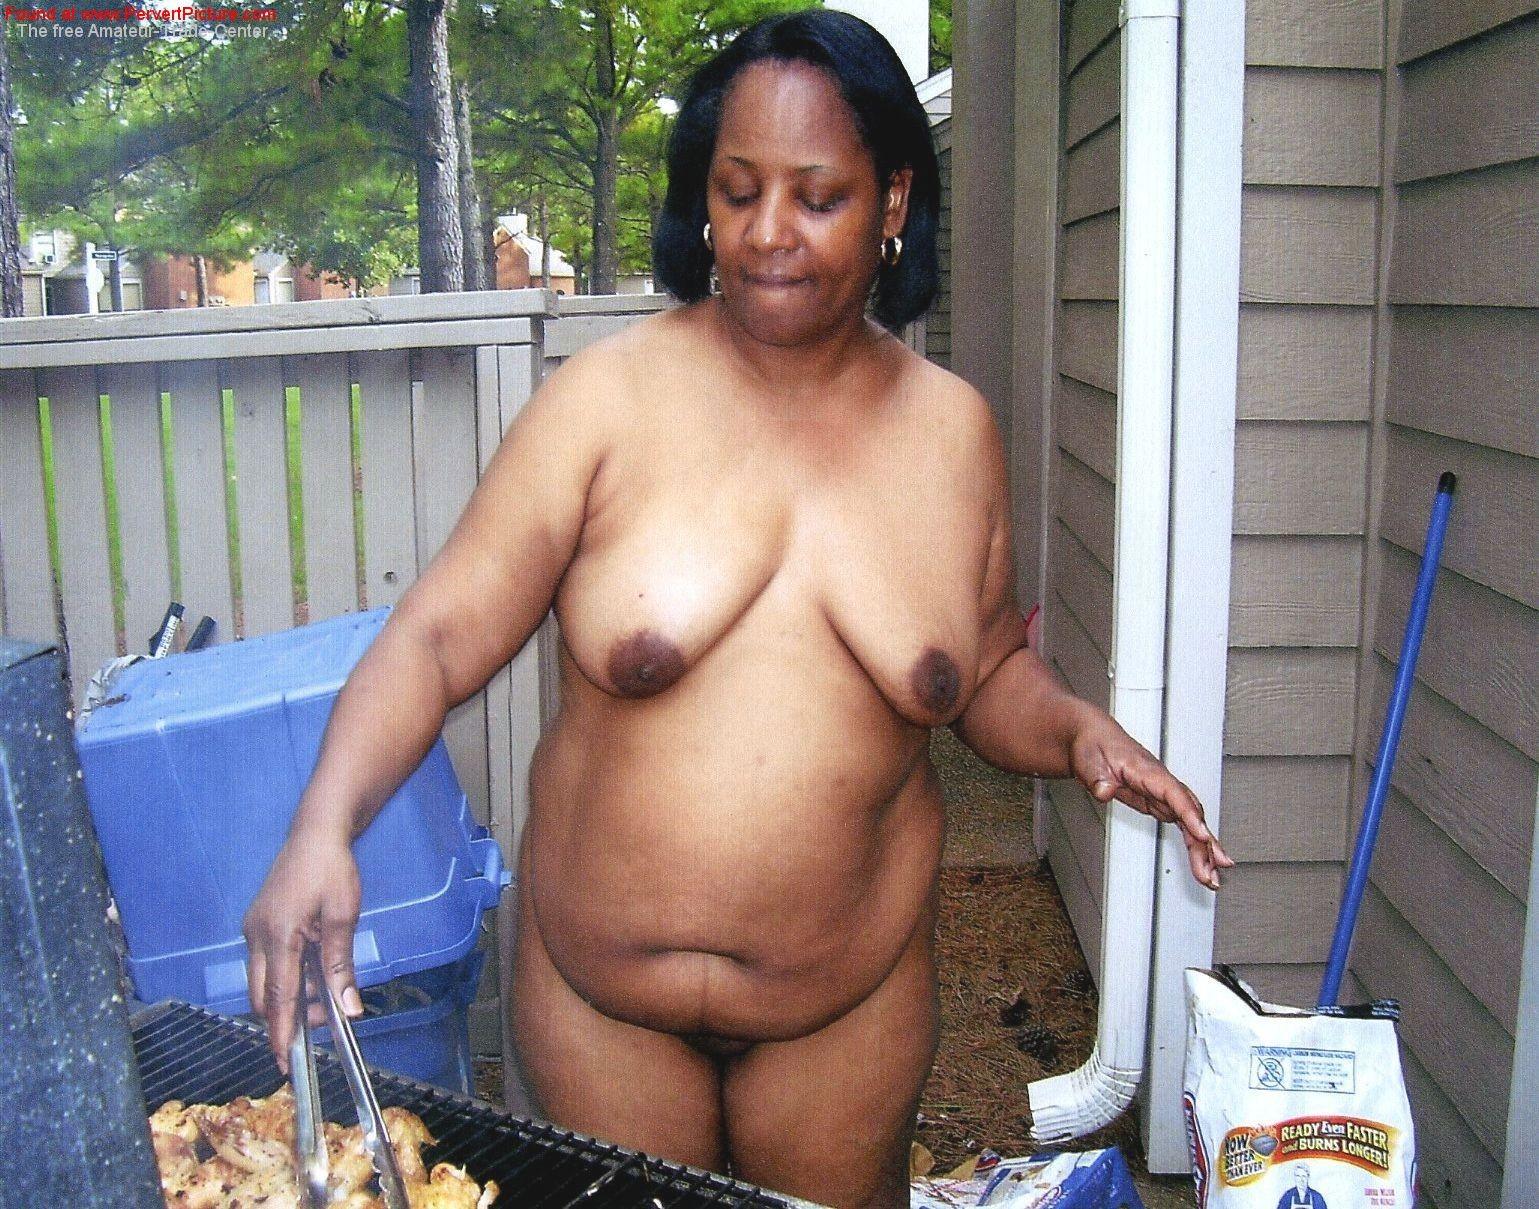 Elderly woman ebony nude pic